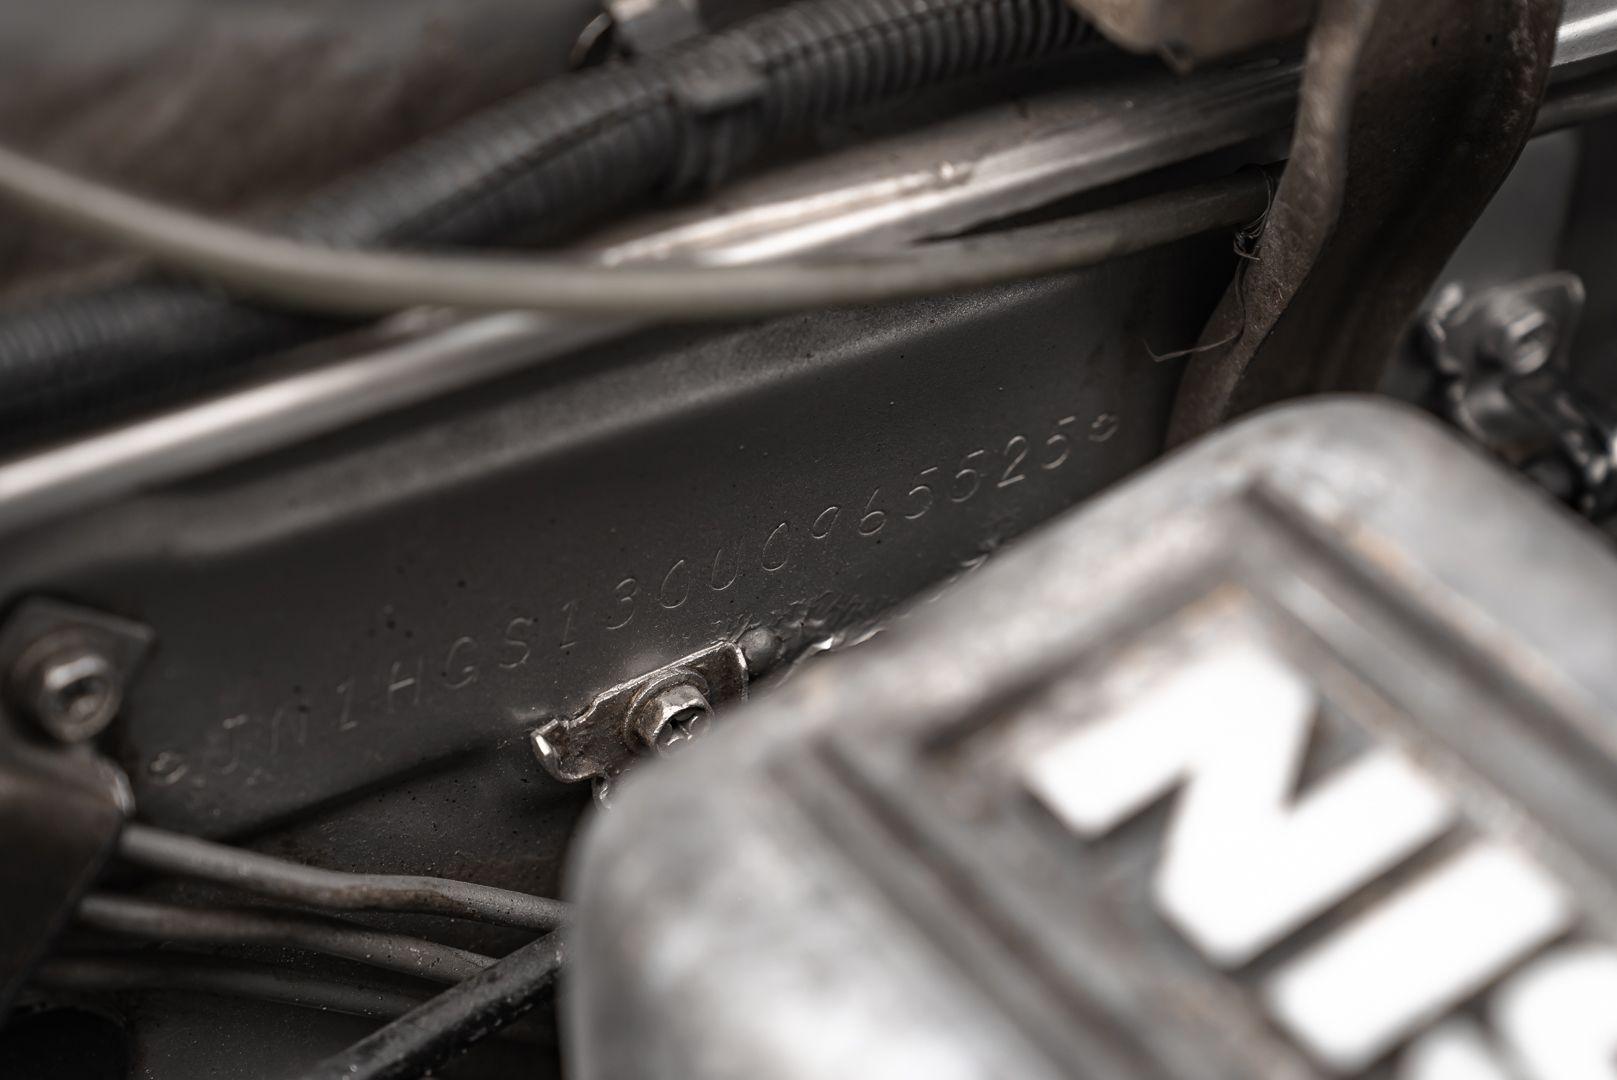 1982 Nissan Datsun 280 ZX 70164